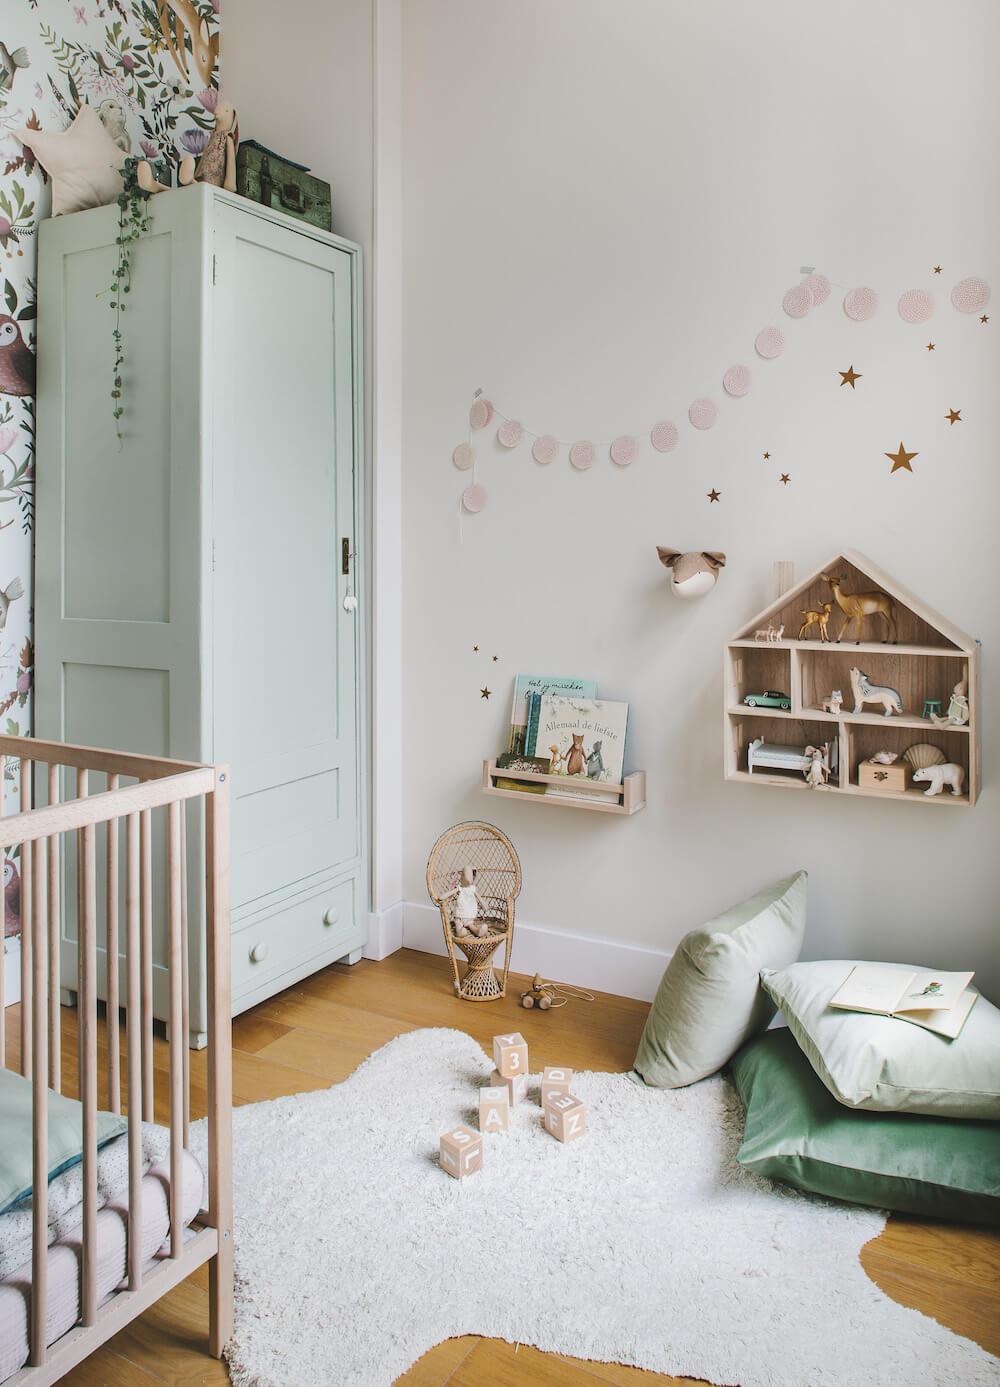 Kleines Kinderzimmer einrichten